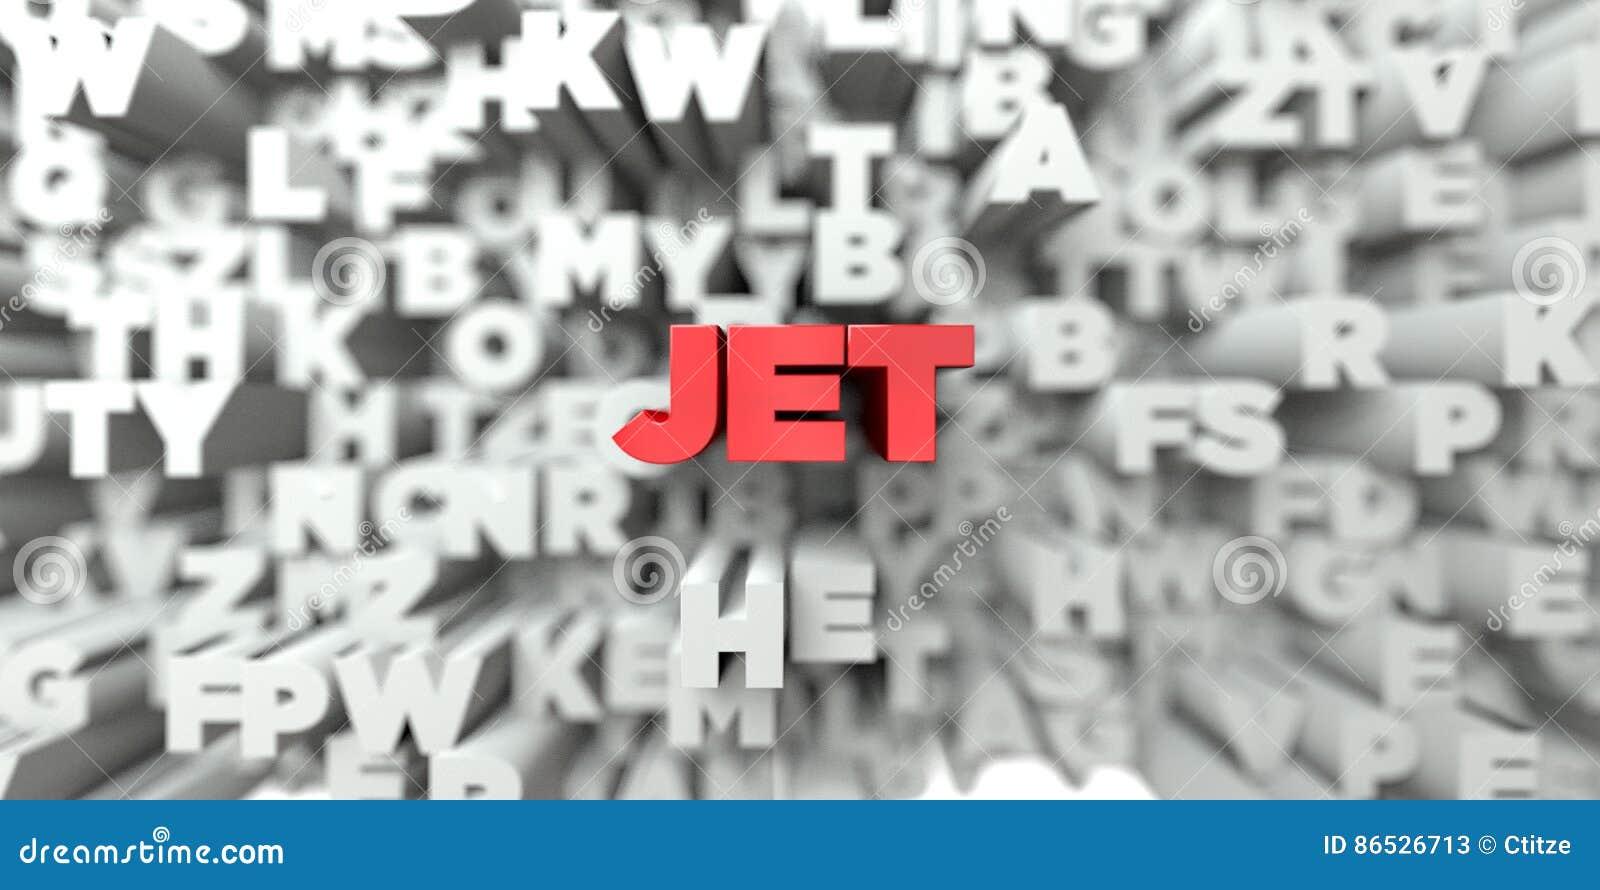 STRÅLE - Röd text på typografibakgrund - 3D framförde fri materielbild för royalty